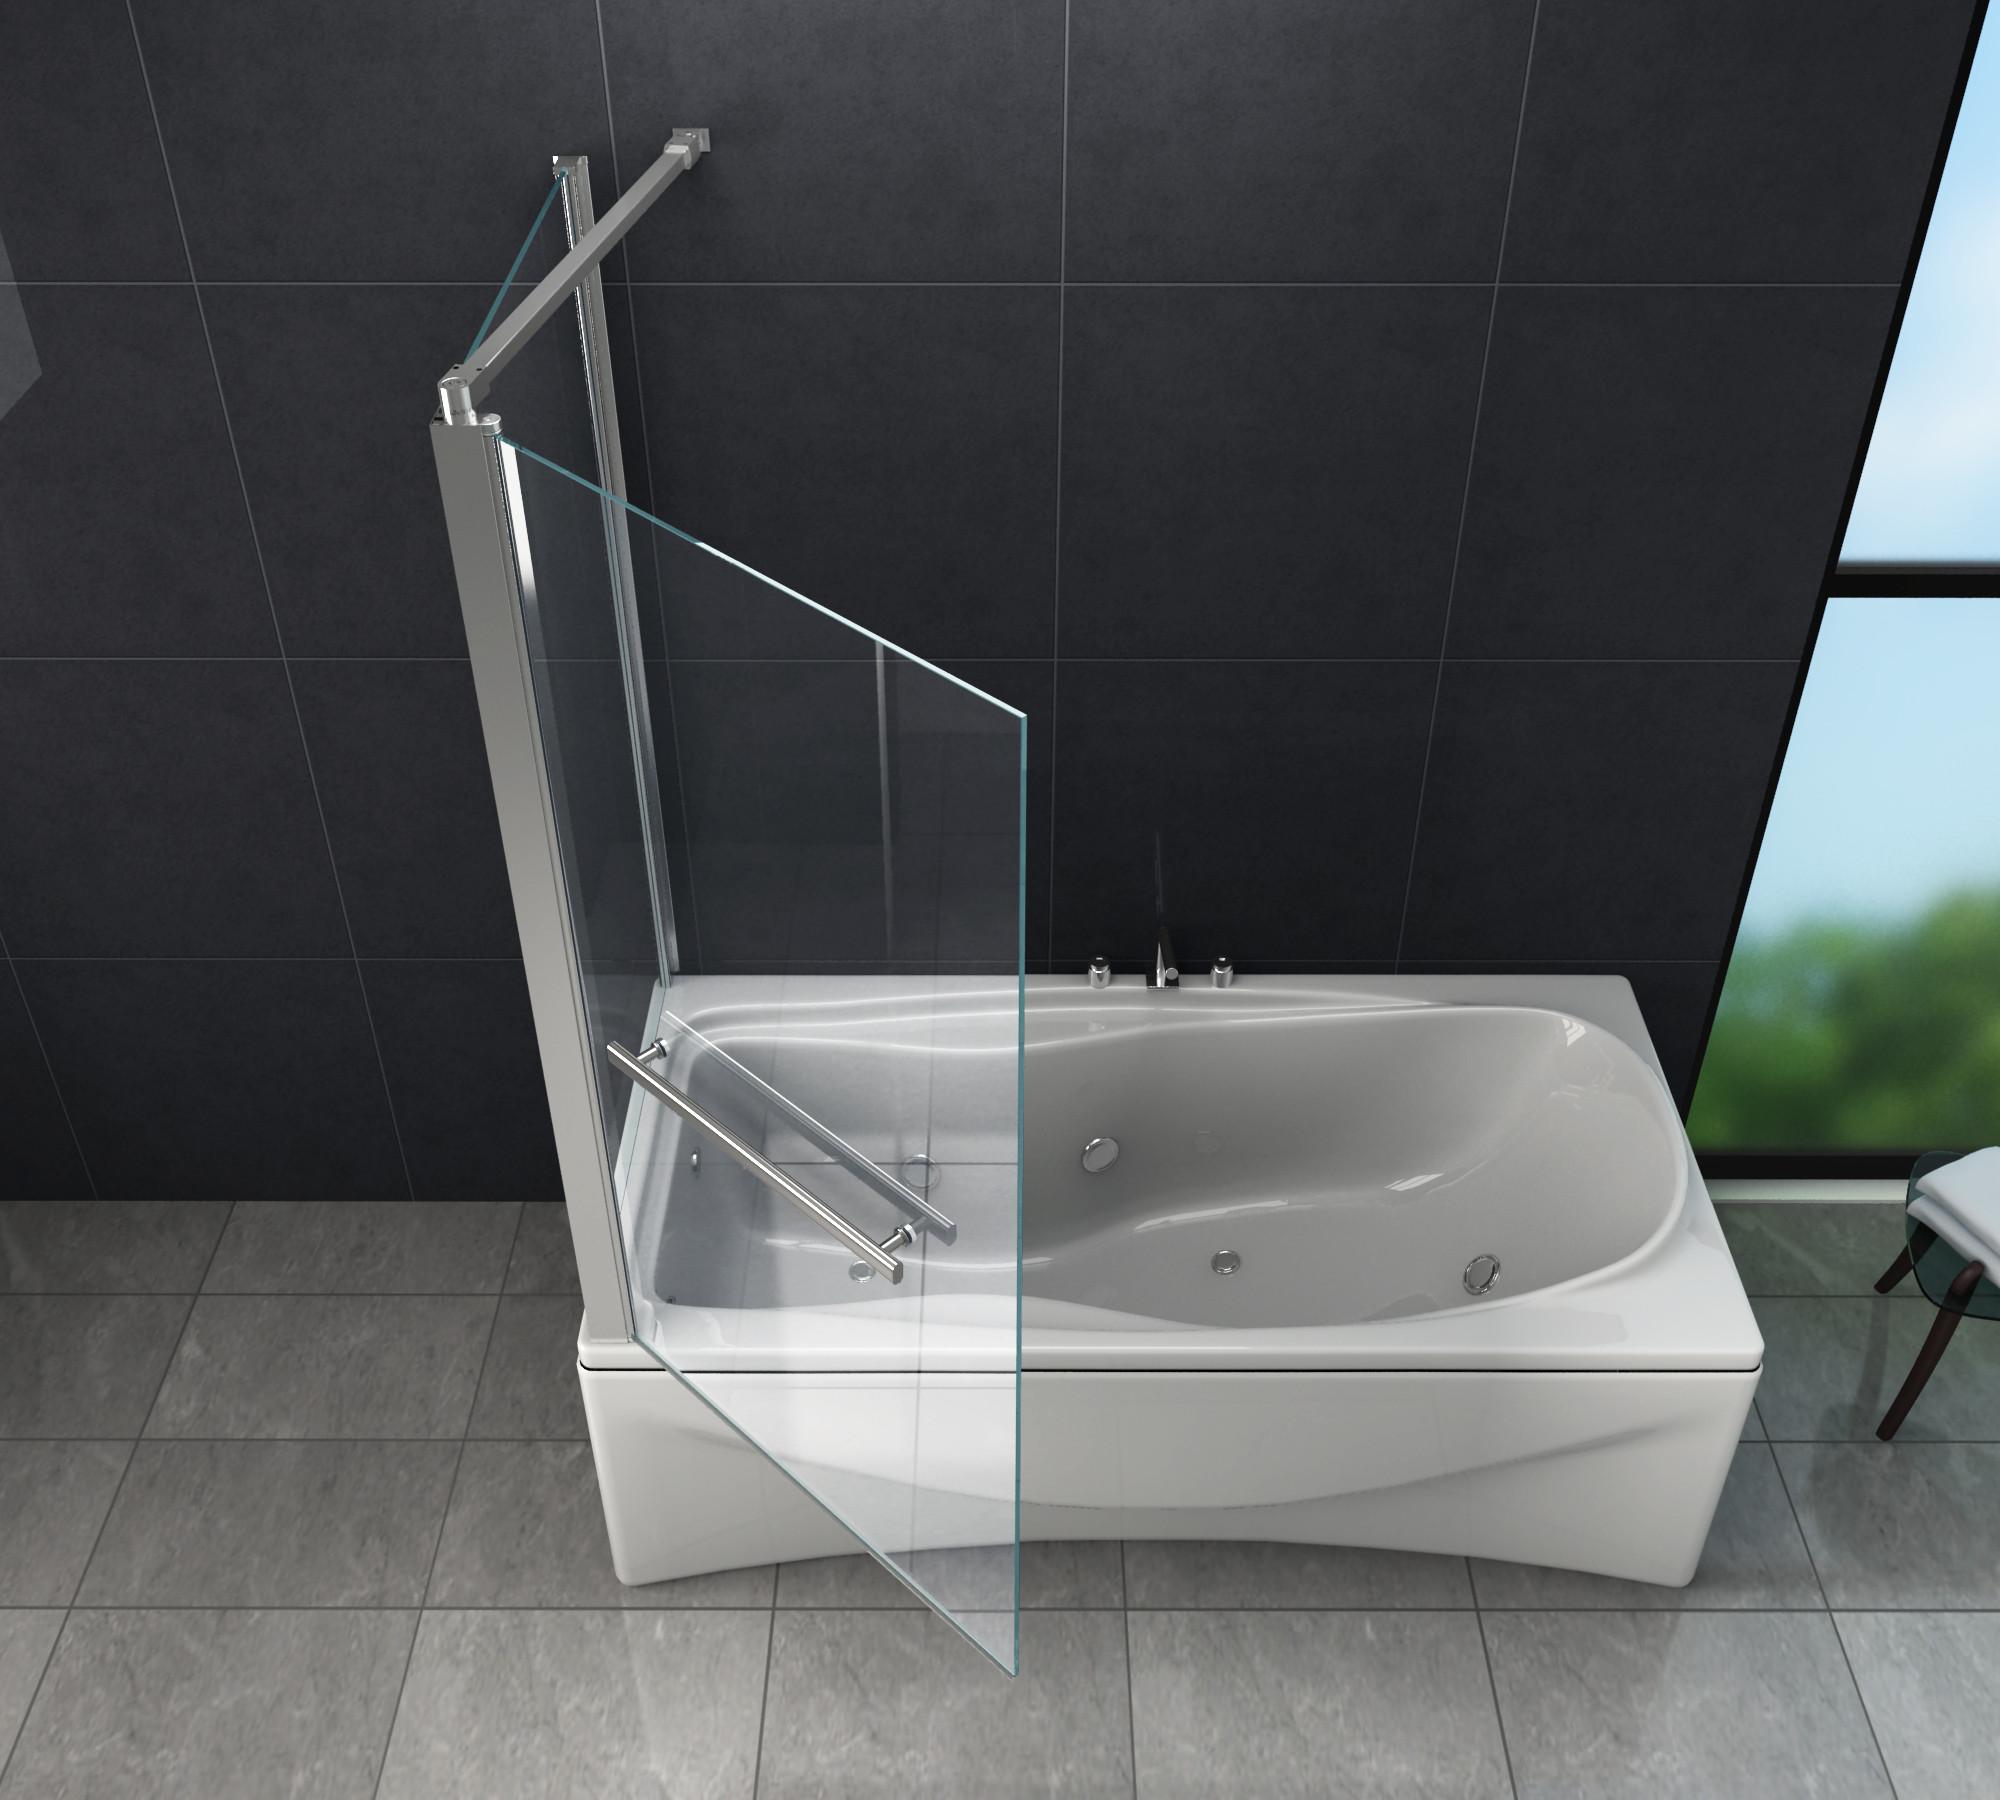 Duschabtrennung Badewanne  Eck Duschtrennwand UNIONO 70 Badewanne Glasdeals